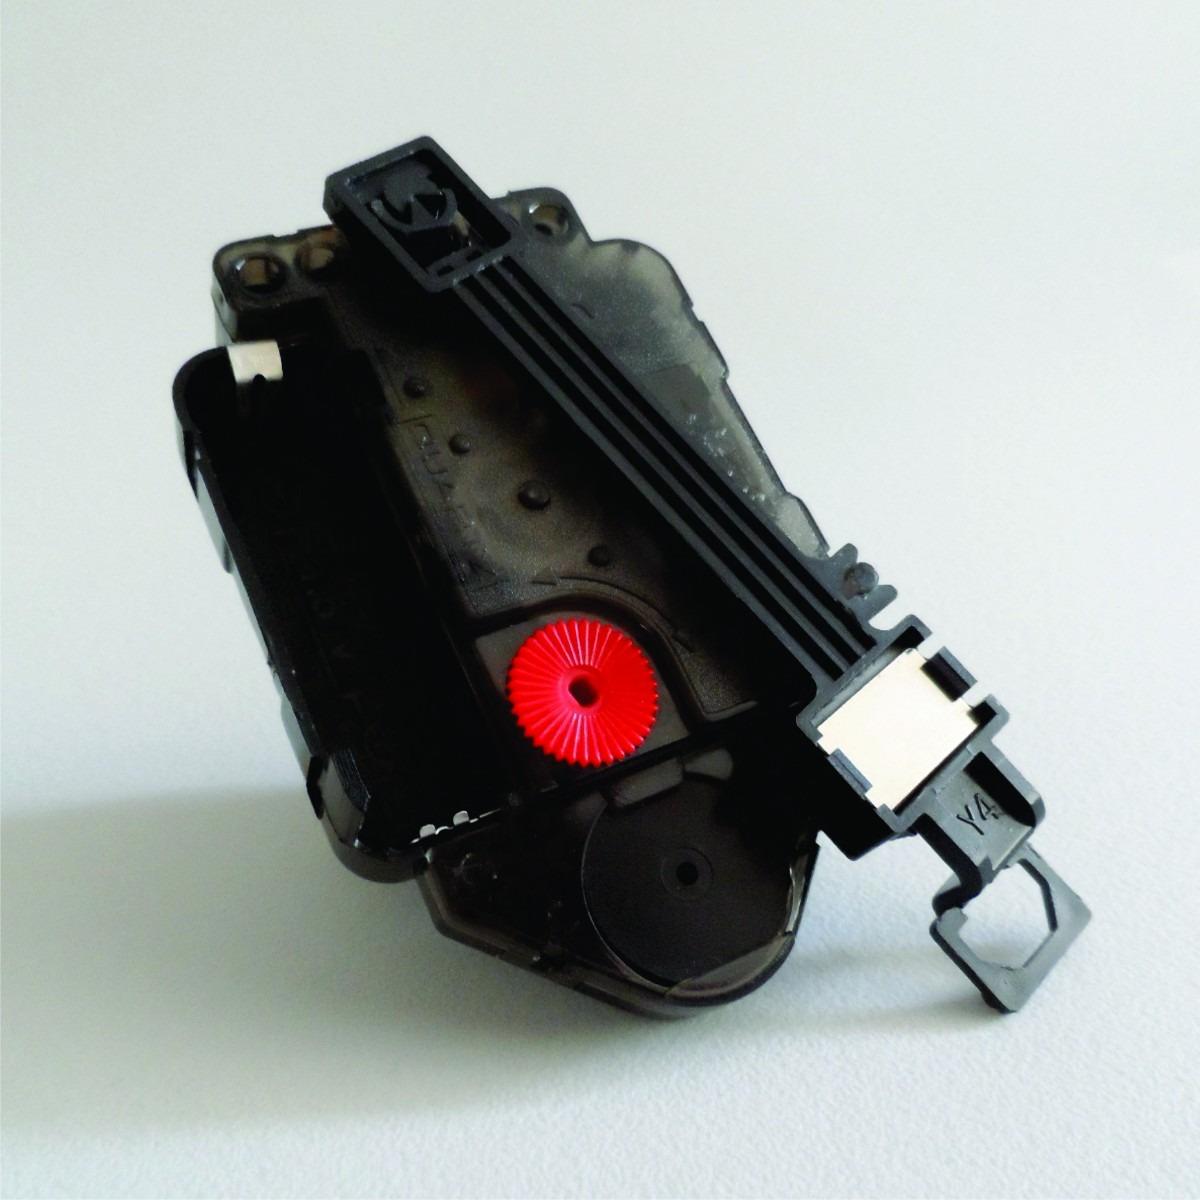 Maquinaria de p ndulo para reloj de pared en - Comprar mecanismo reloj pared ...